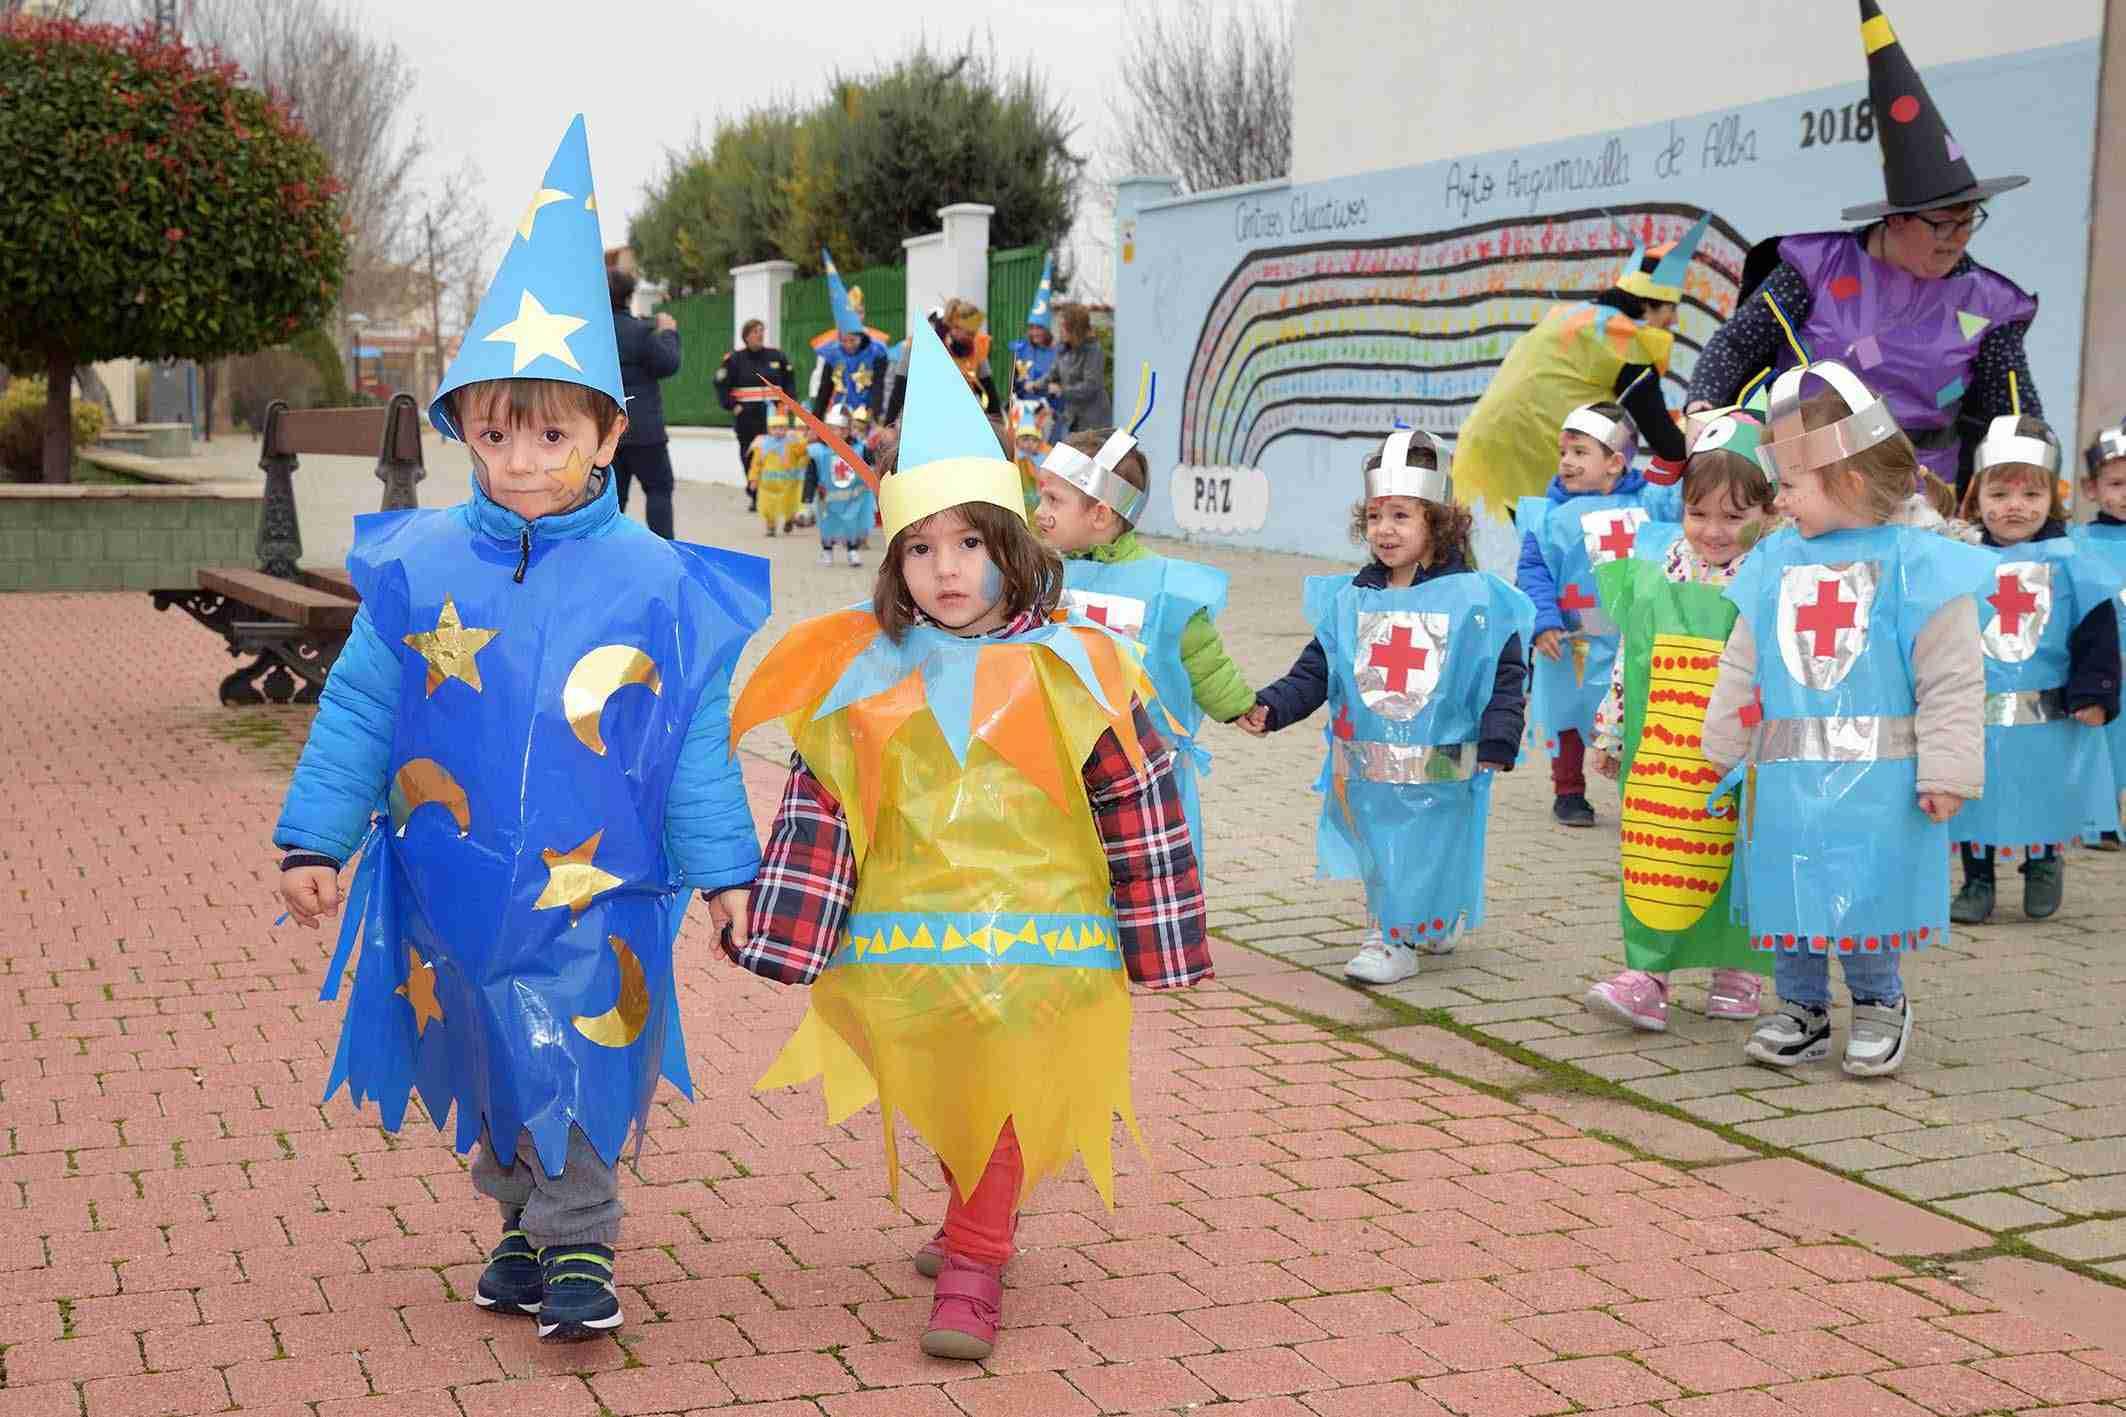 20180216_desfile-carnaval-escuela-infantil001_adealba 1